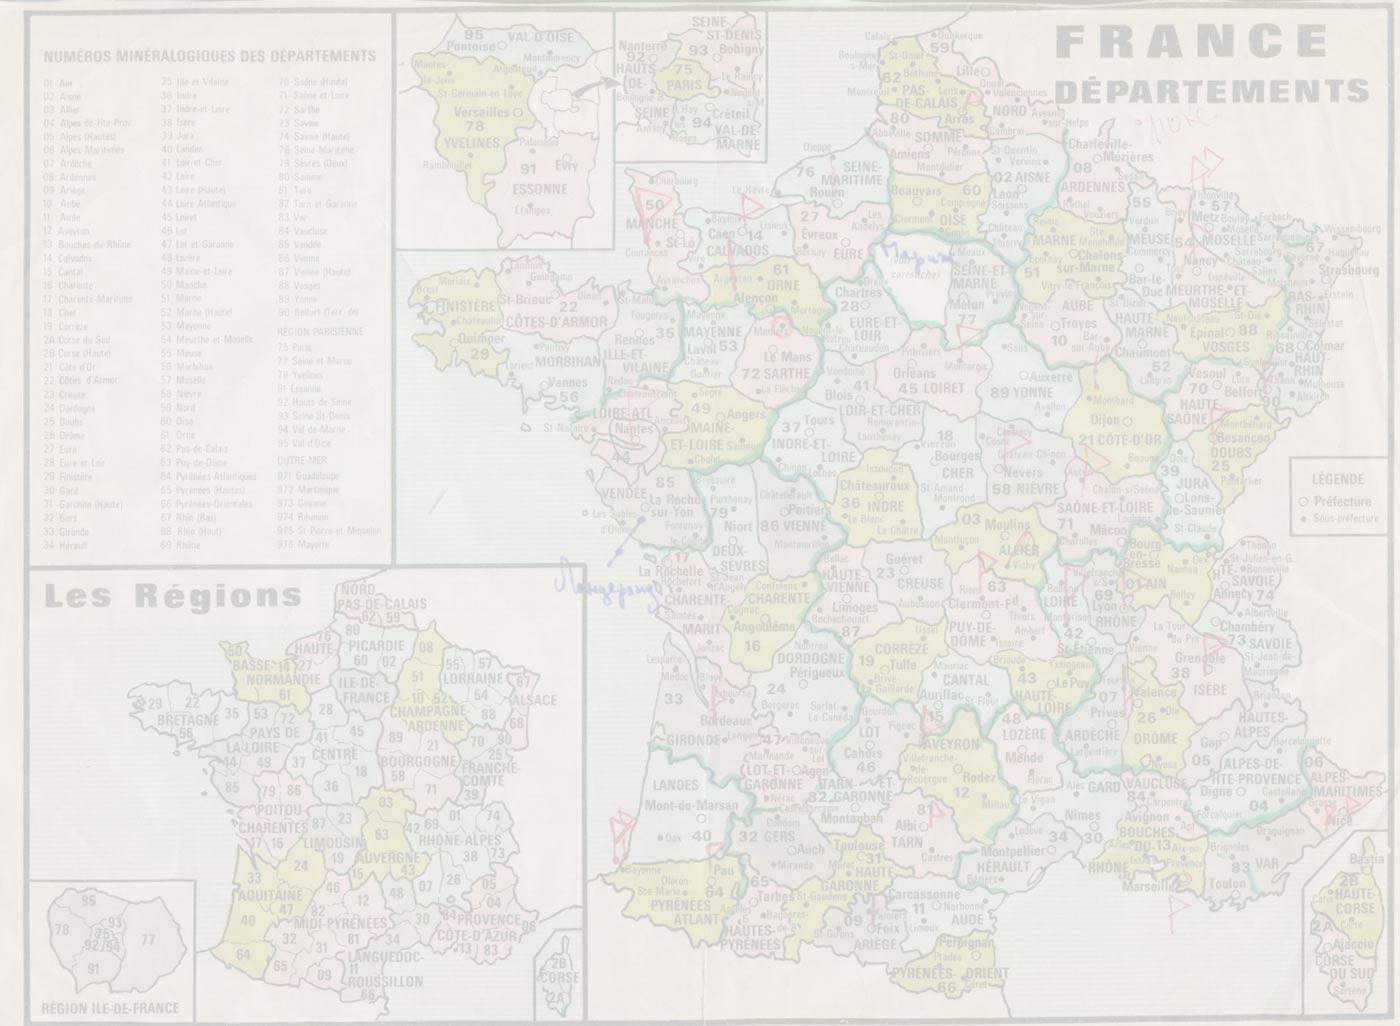 экскурсии в Париже на русском, экскурсия в Шампань, в Нормандию и в замки Луары